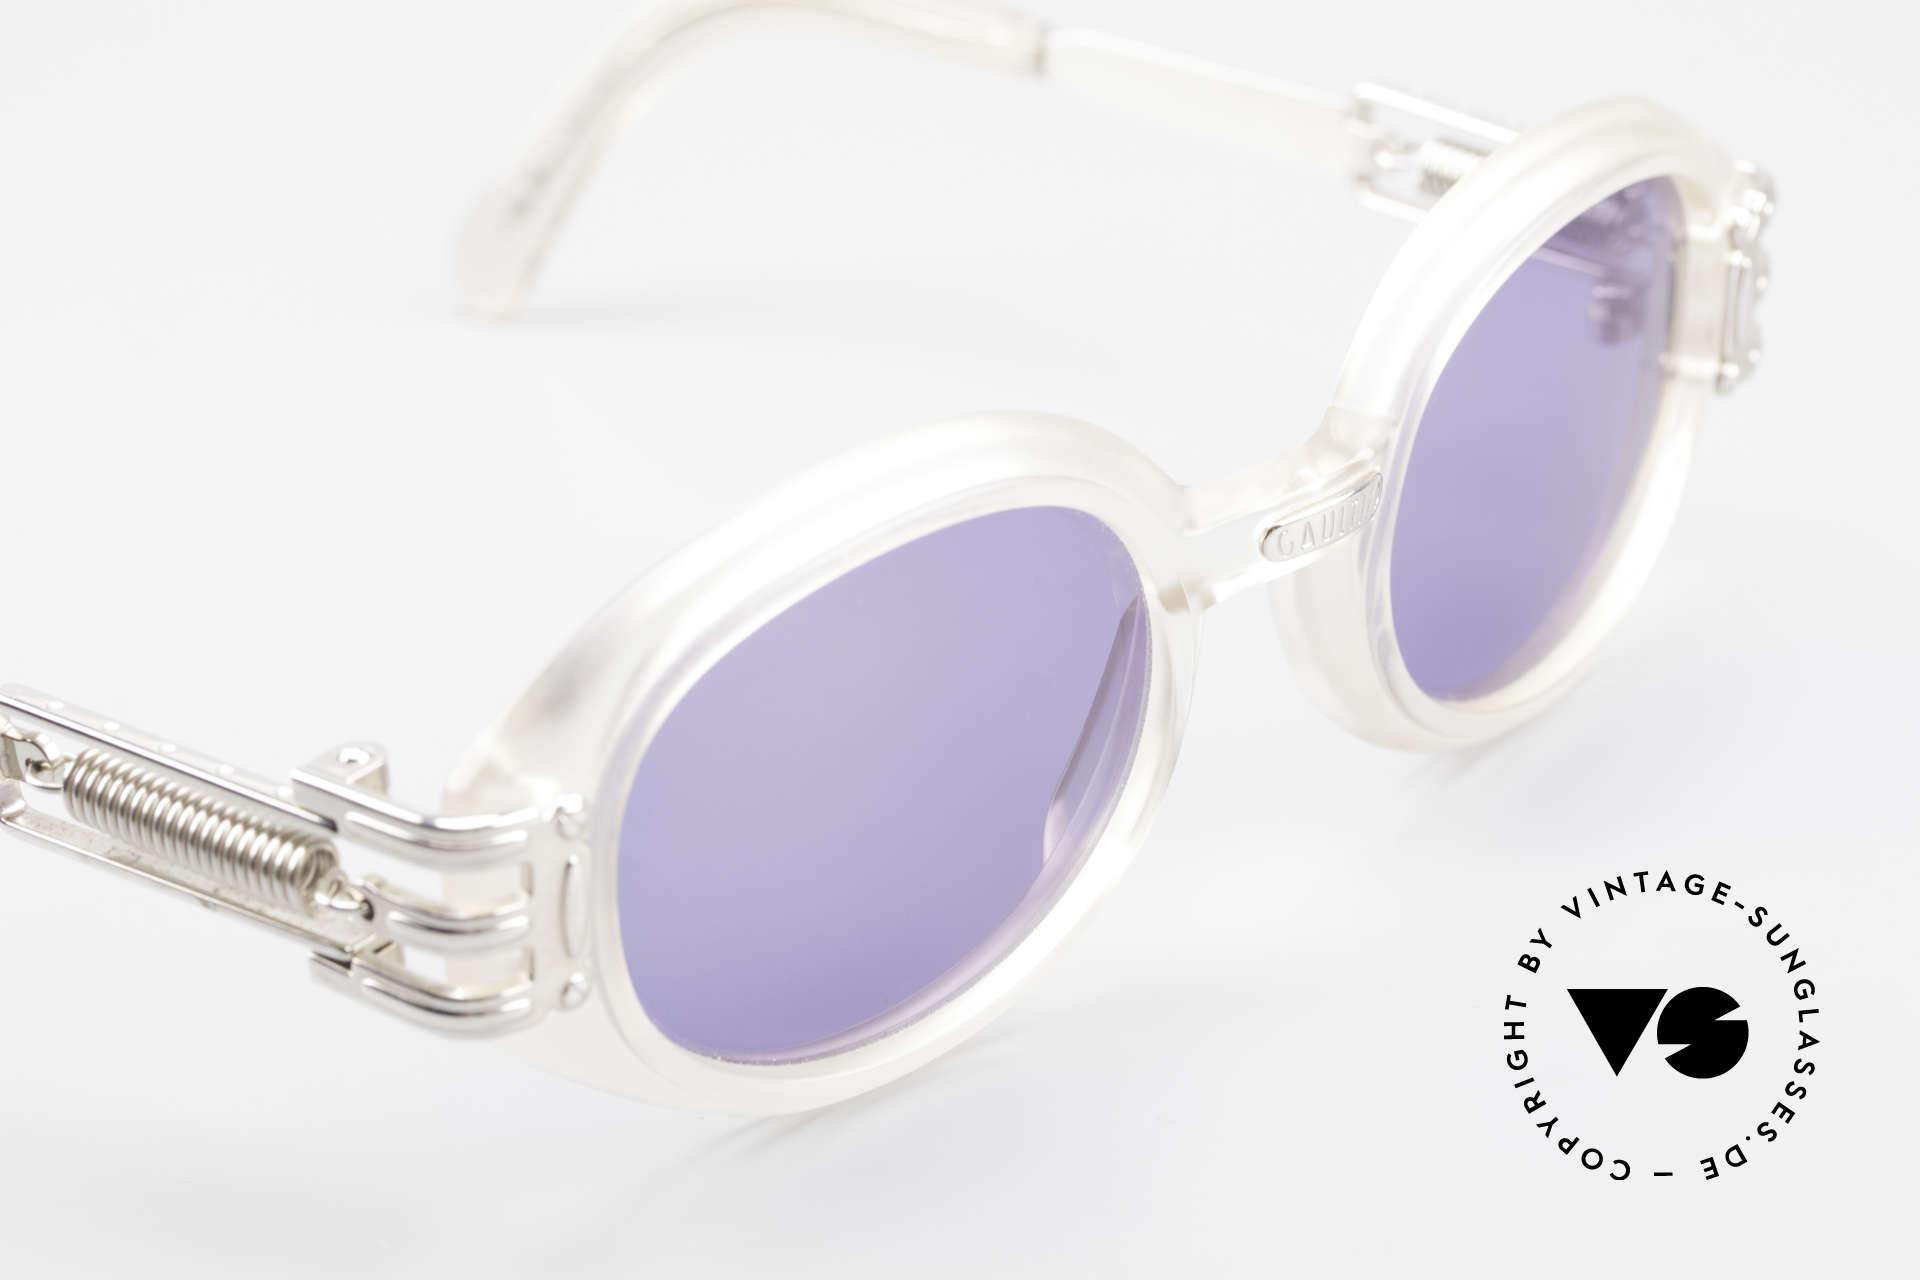 Jean Paul Gaultier 56-5203 Steampunk Designer Brille, KEINE RETROBRILLE; ein altes Original von 1995/96, Passend für Herren und Damen